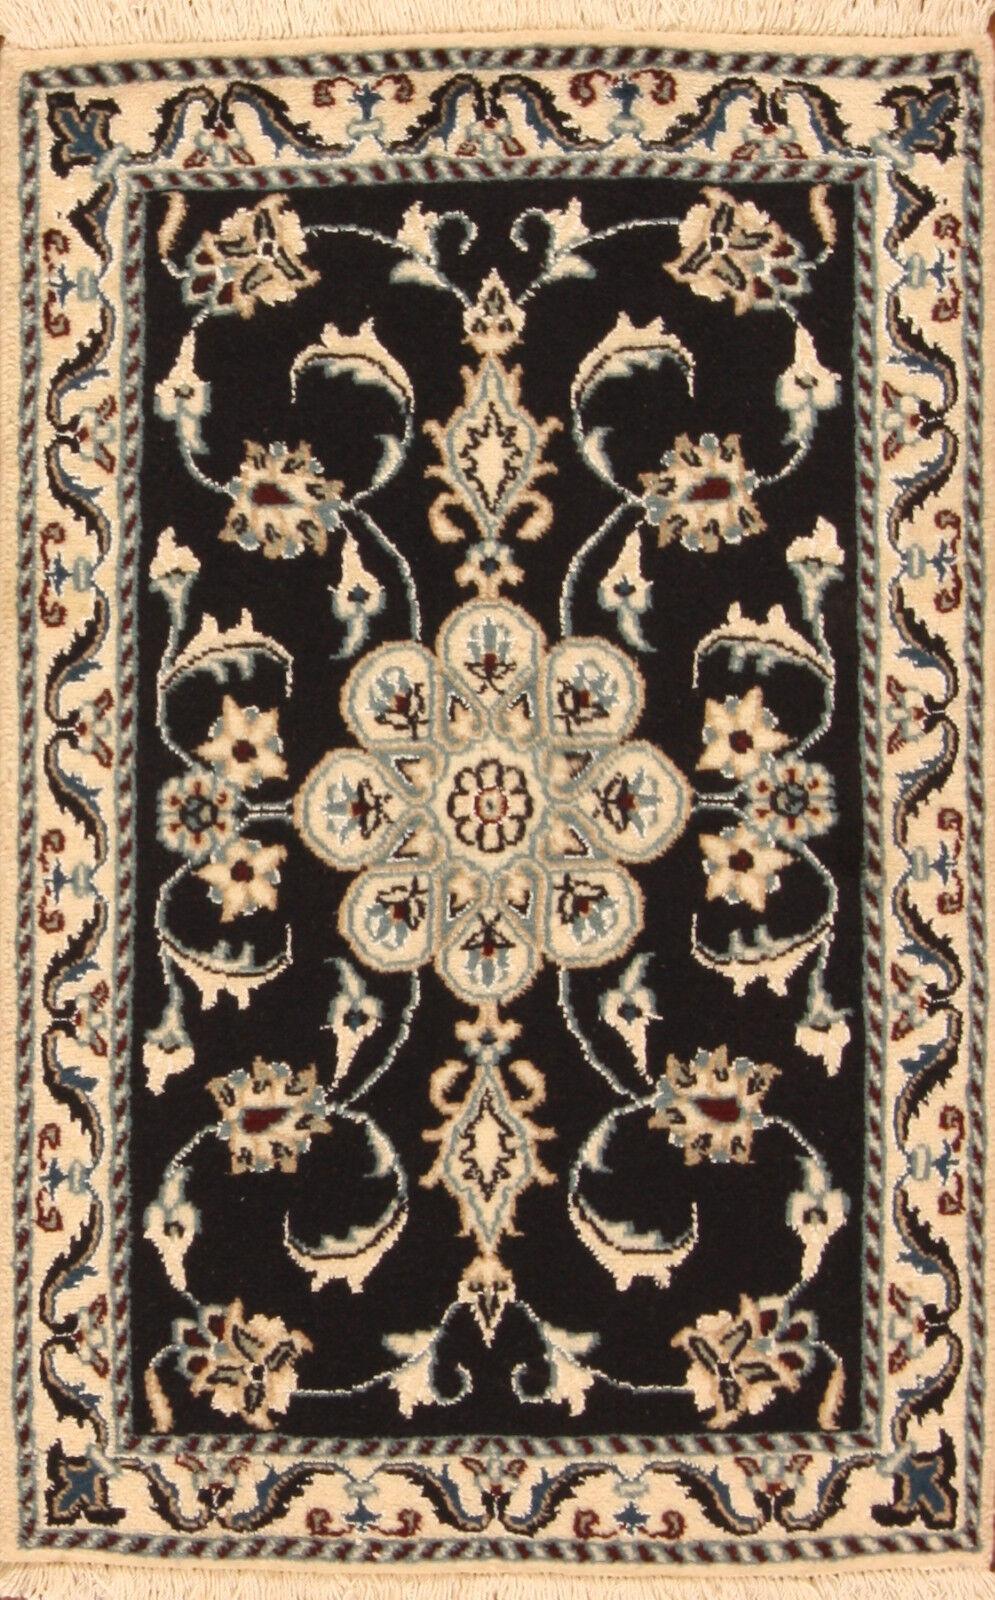 TAPPETO Orientale Vero Annodato Tapis persan (90 (90 (90 x 60) cm Nuovo 688 8bbbf1